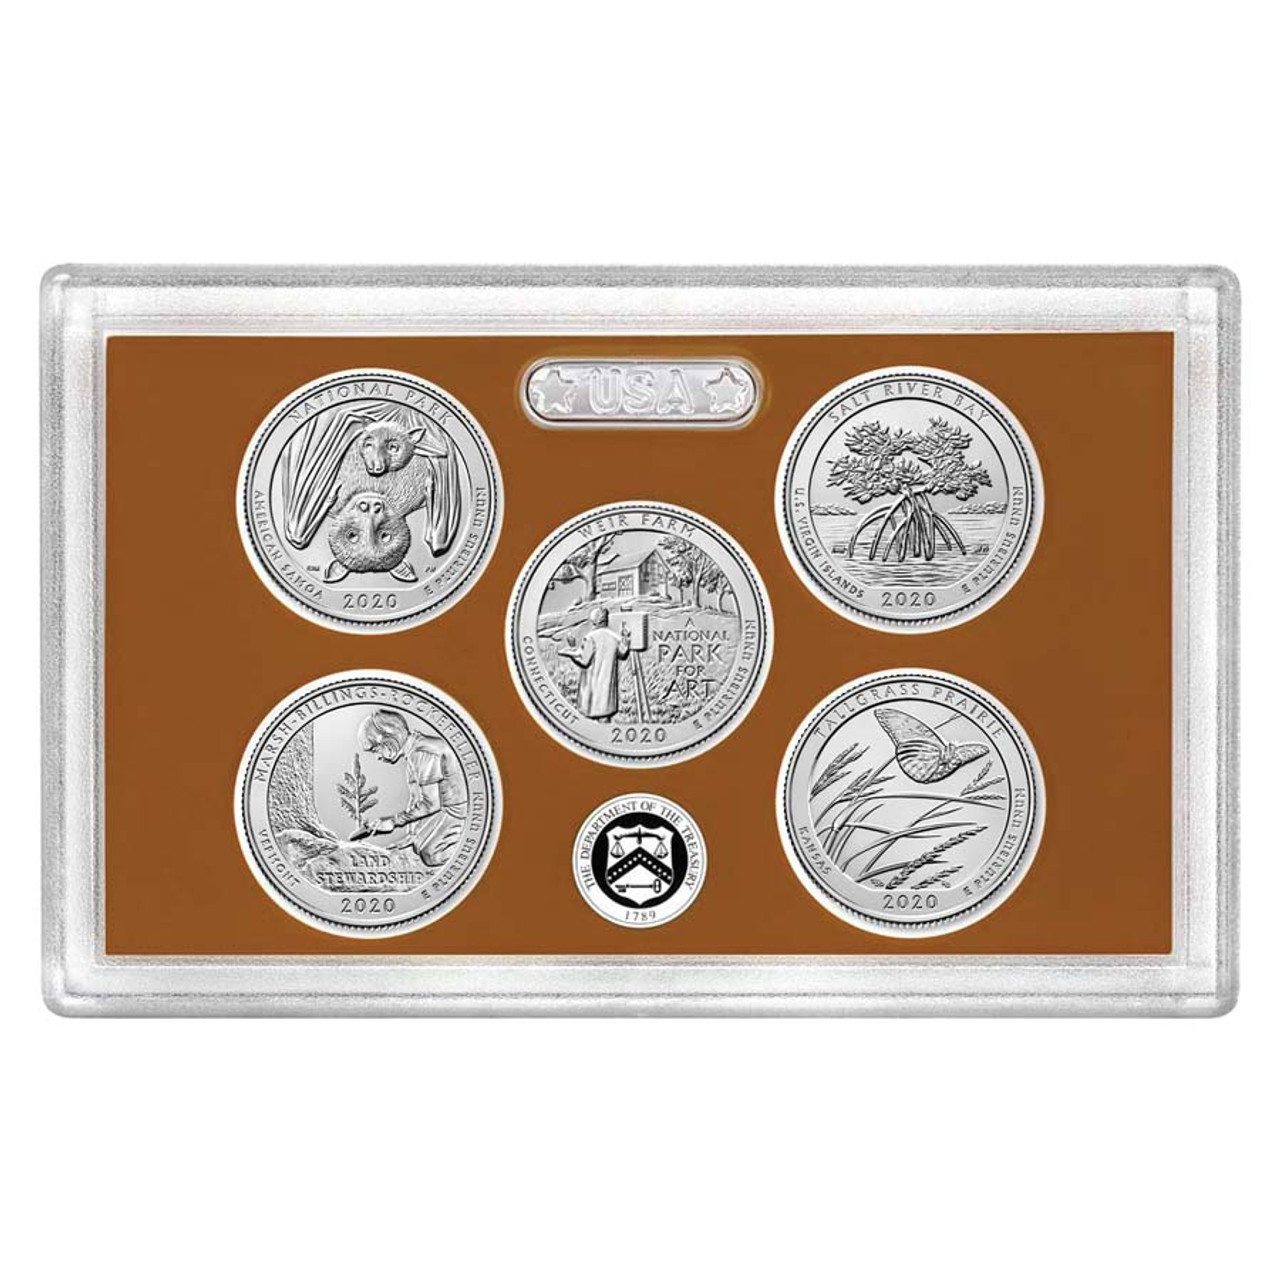 2020 National Parks Quarter Proof Set 5 Coins Image 1